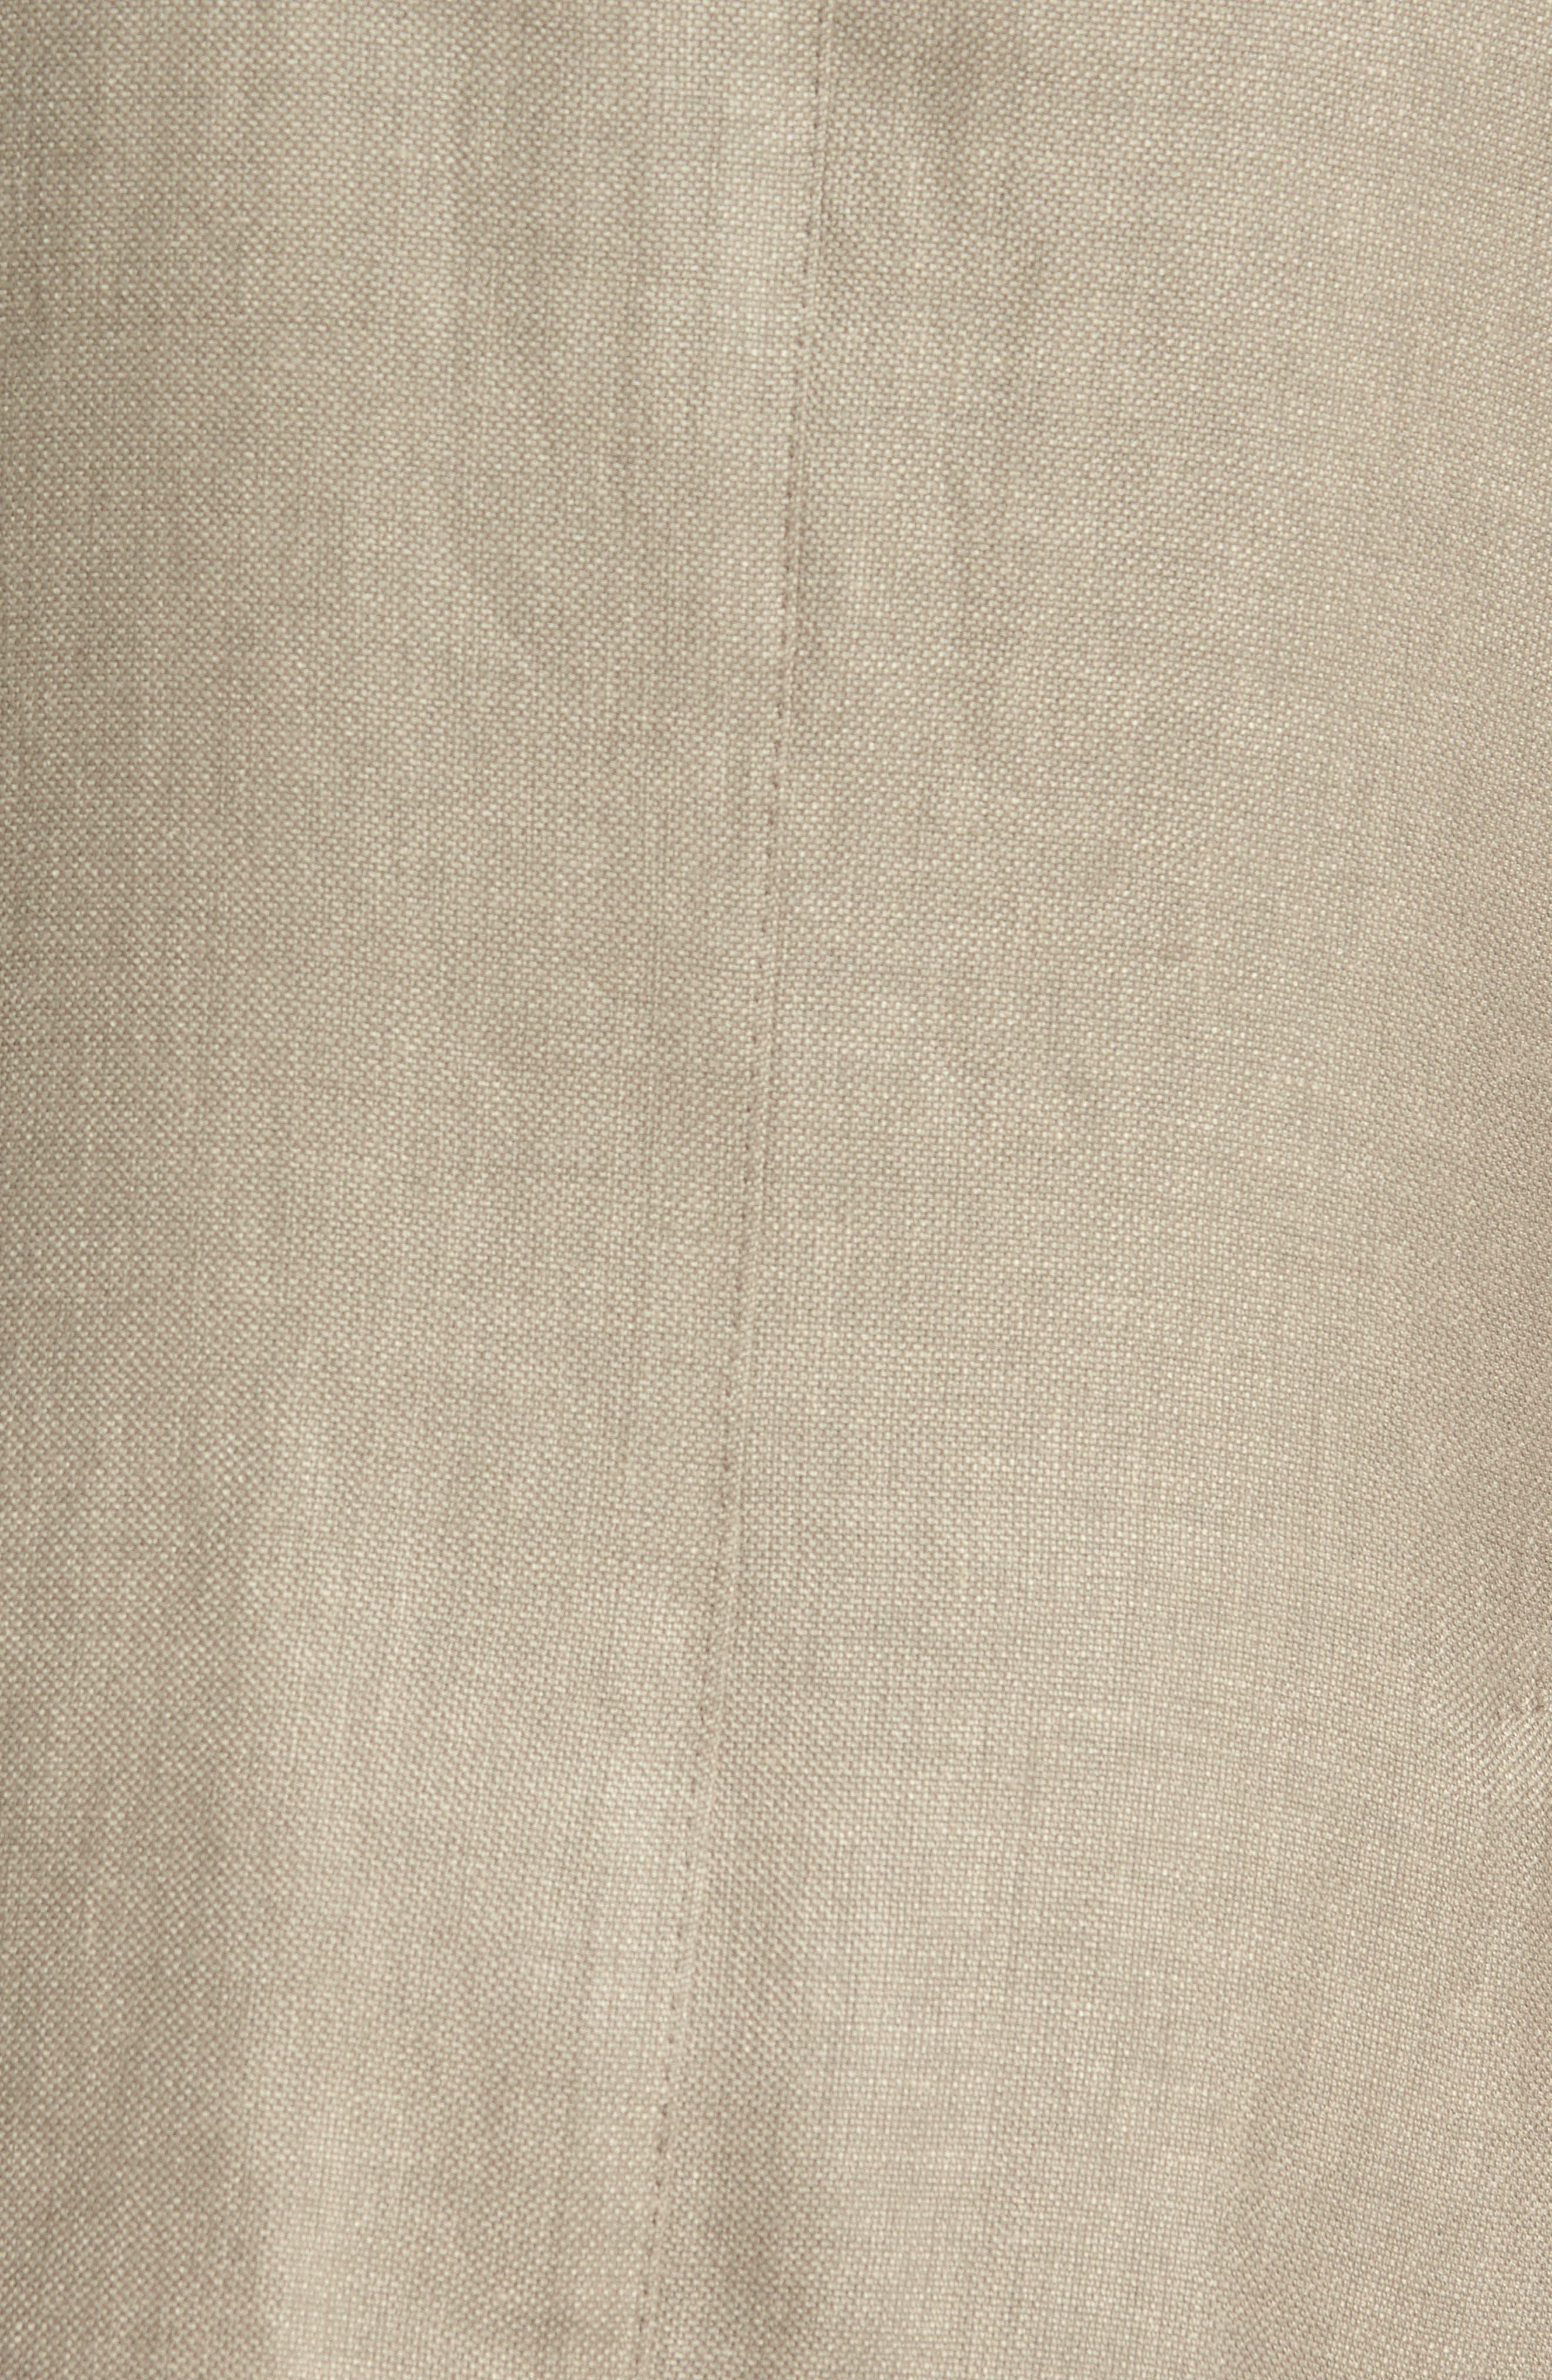 Hopsak Trim Fit Linen Blend Blazer,                             Alternate thumbnail 6, color,